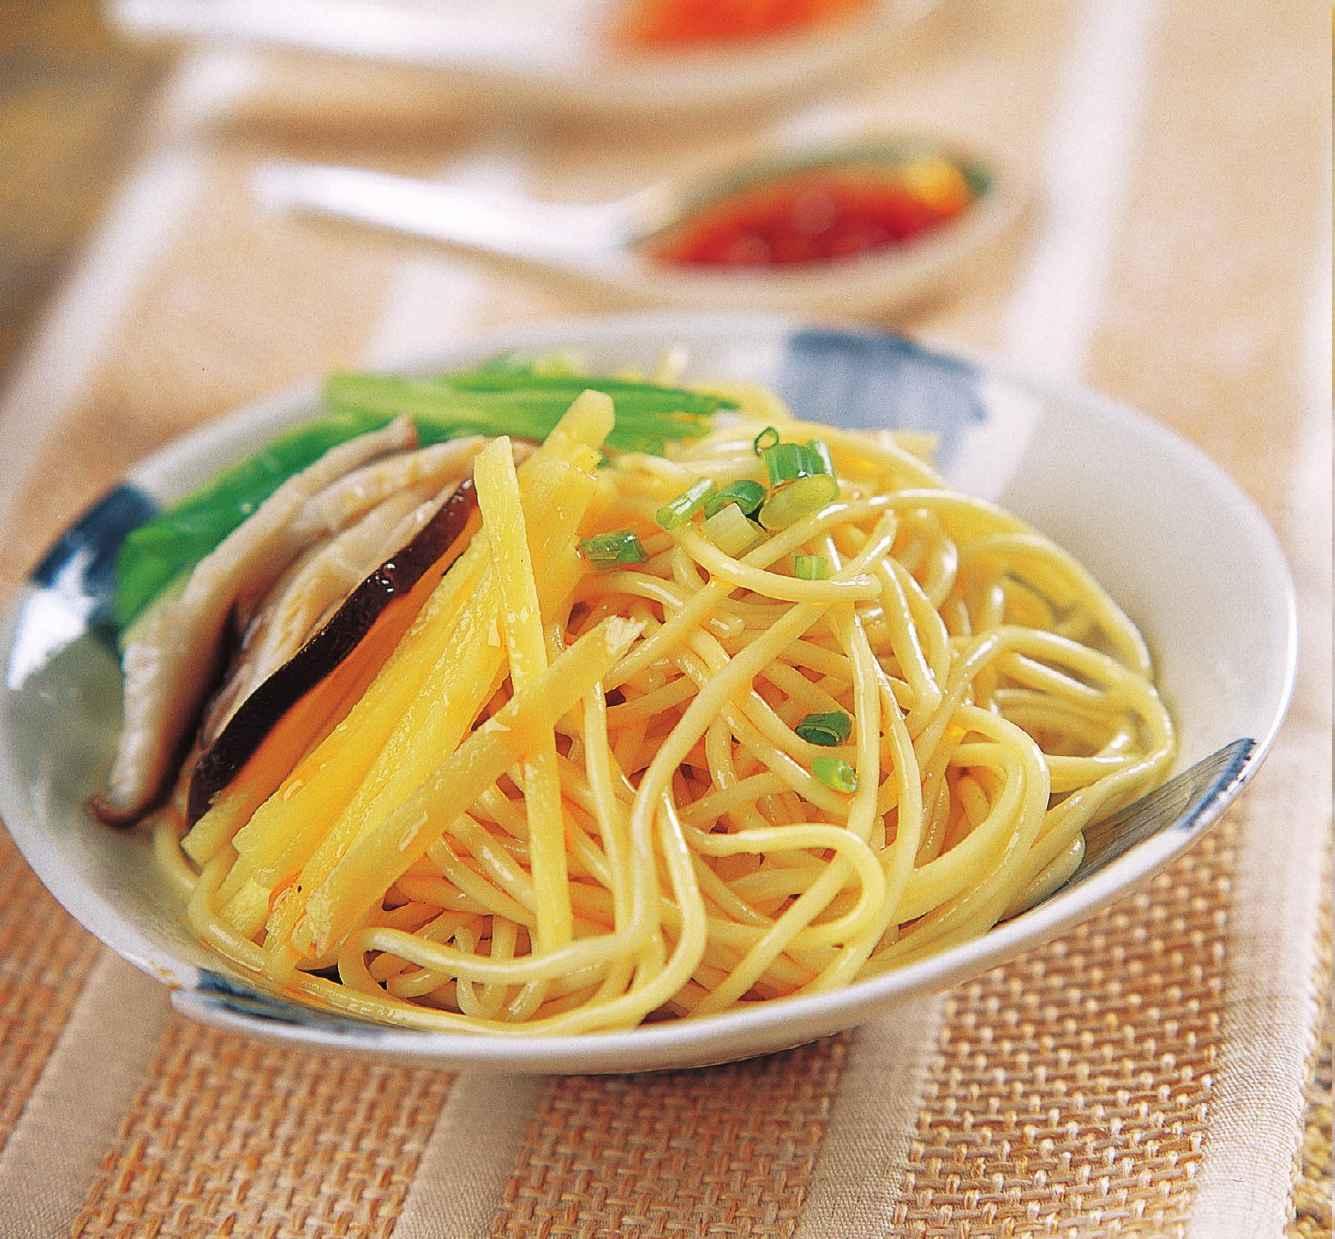 姜葱鲜菇拌面怎么做?姜葱鲜菇拌面的家常做法